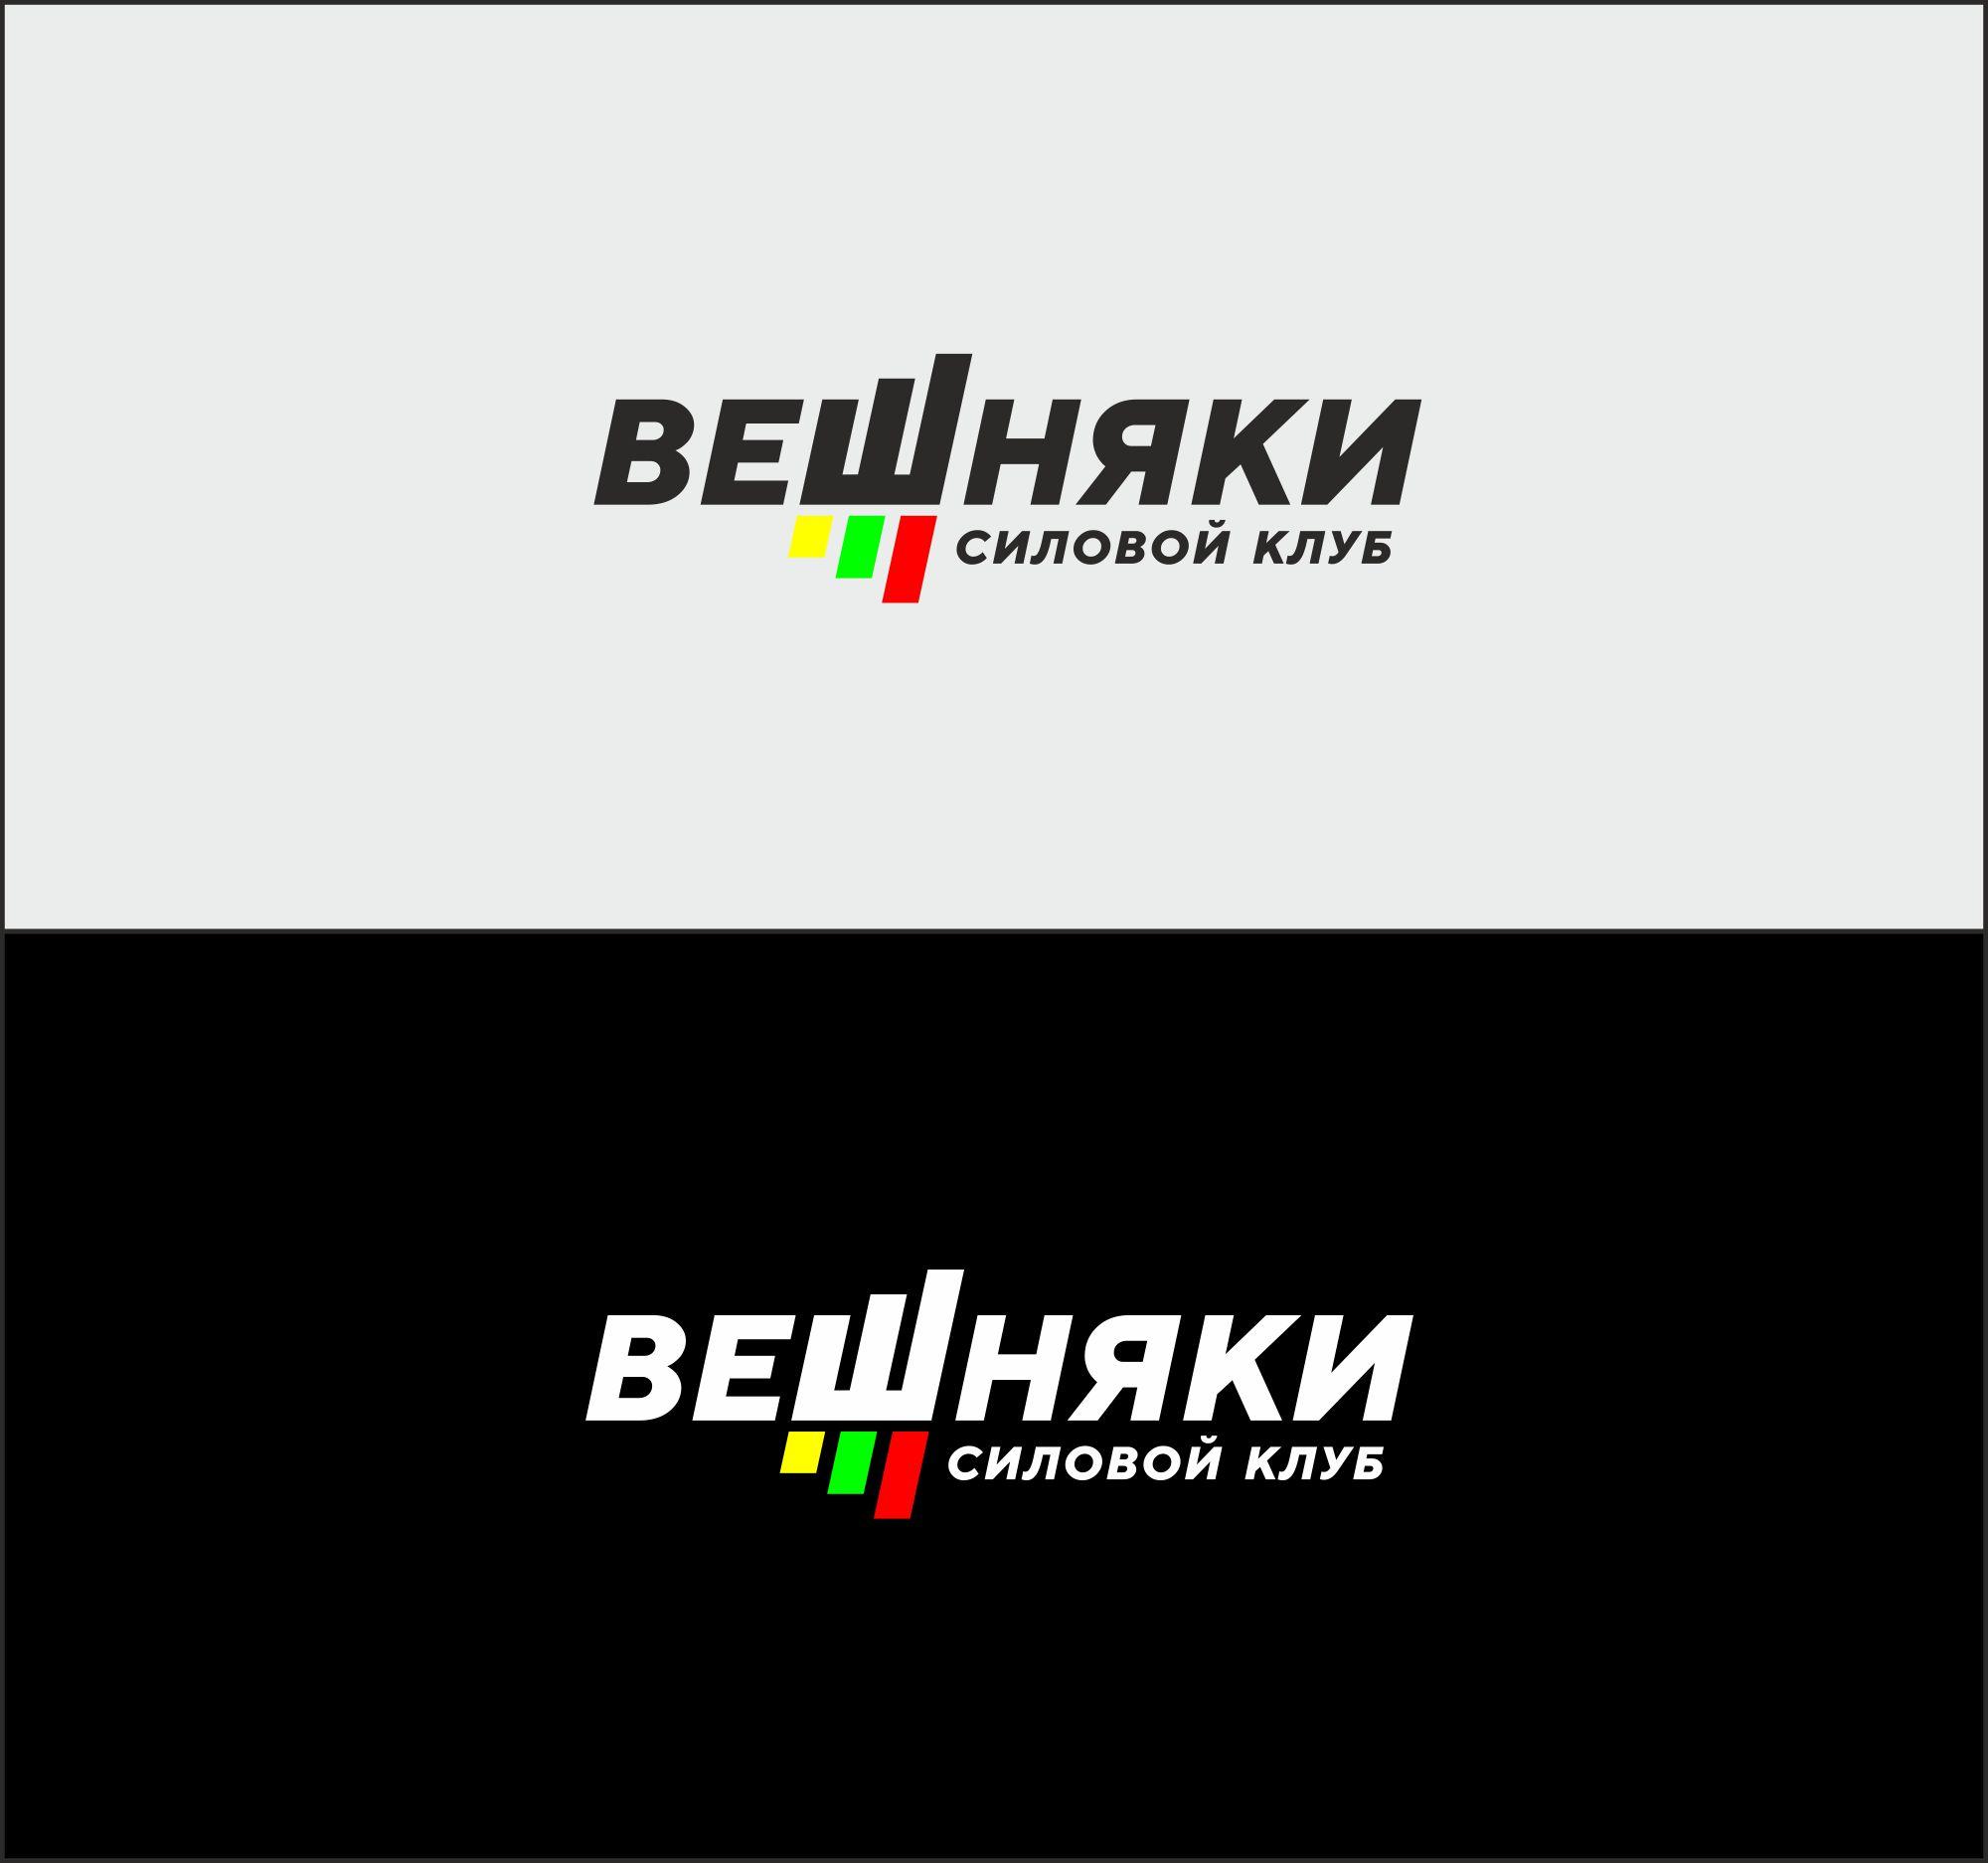 Адаптация (разработка) логотипа Силового клуба ВЕШНЯКИ в инт фото f_3845fbb55762fa1f.jpg